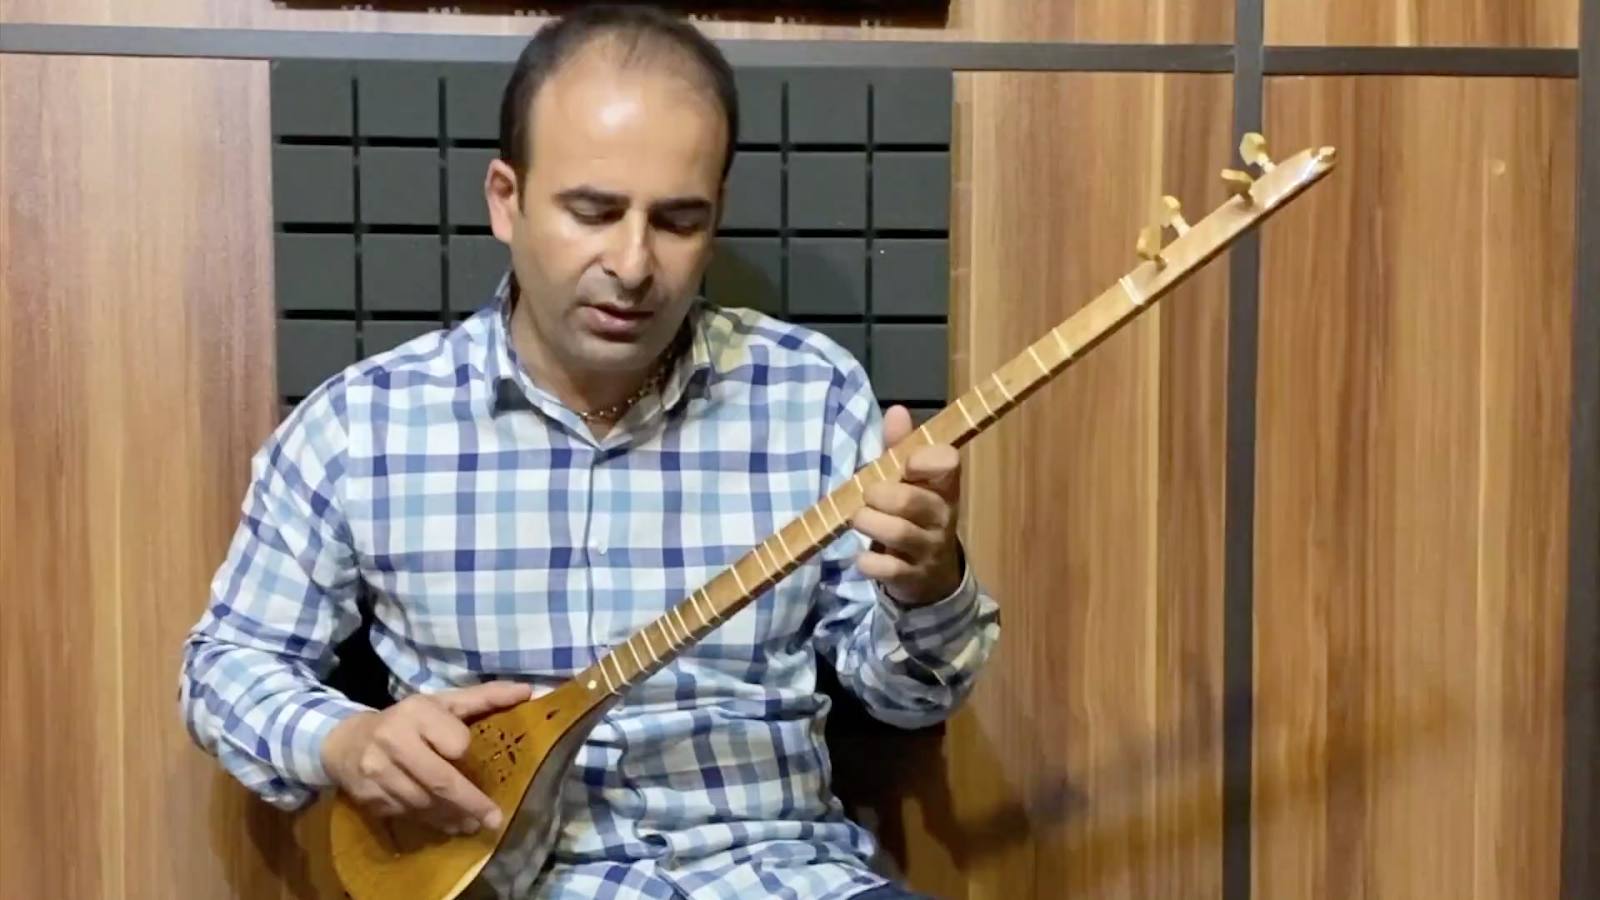 ۶۵ رنگ اصفهان محمود ذوالفنون کتاب دوم هنرستان نیما فریدونی سهتار